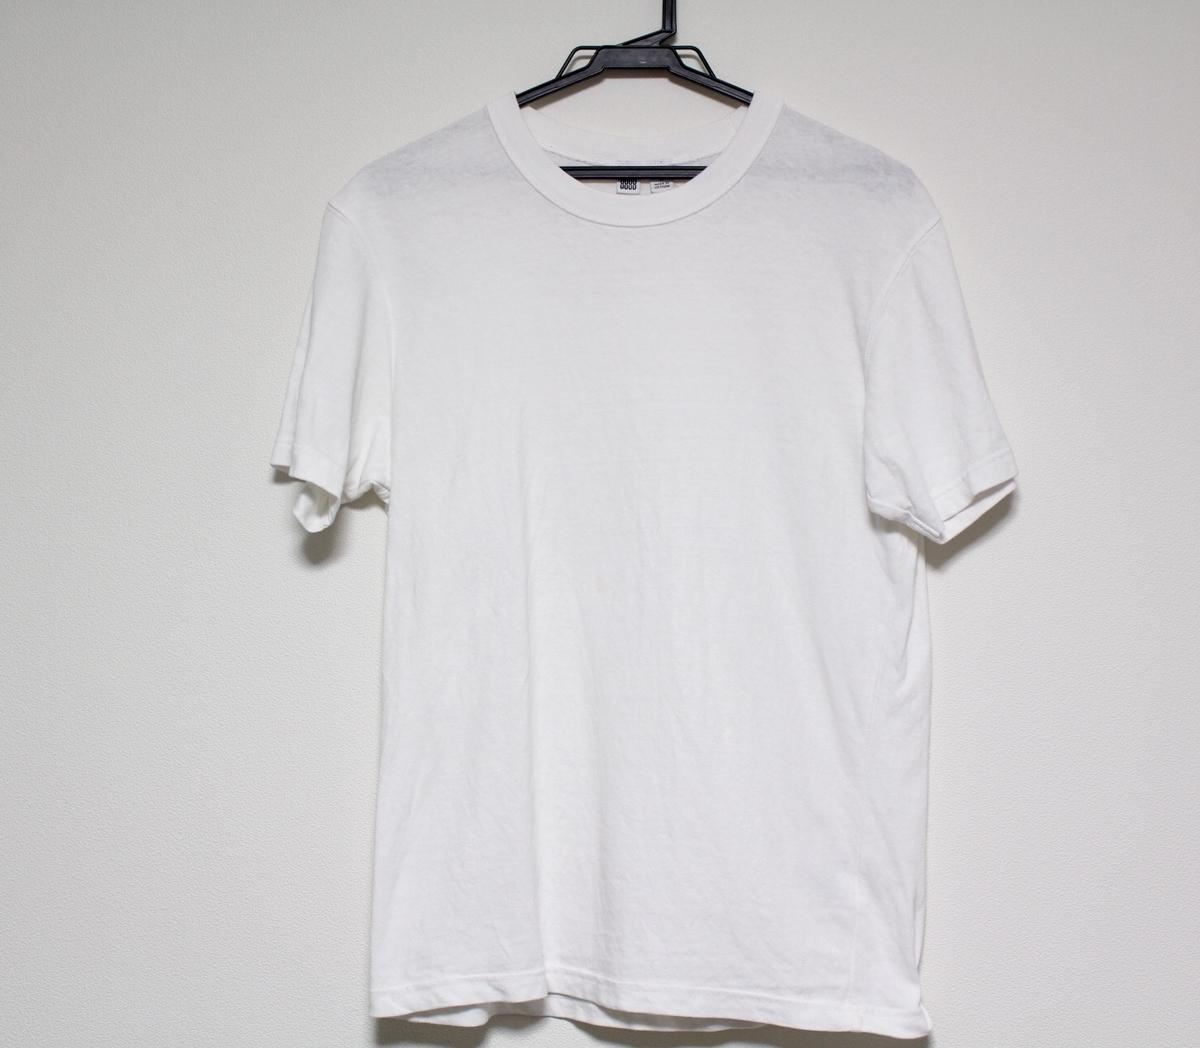 UNIQLOユー メンズTシャツ